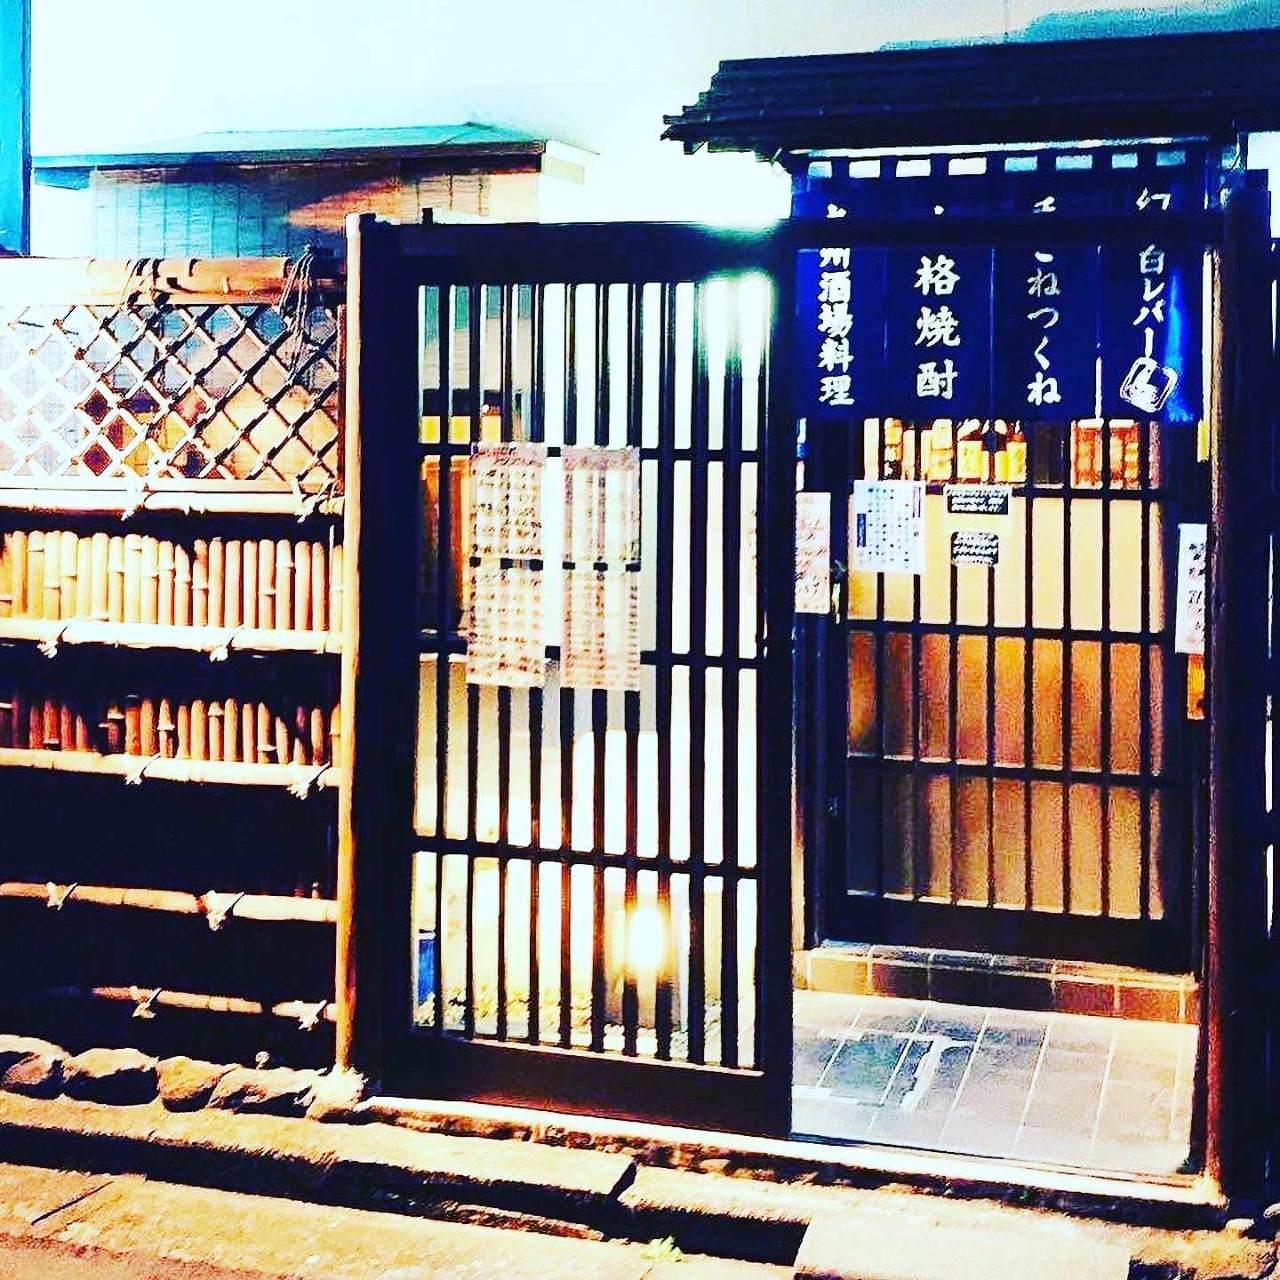 手ごねつくねと九州酒場料理 鳥よしはなれのイメージ写真